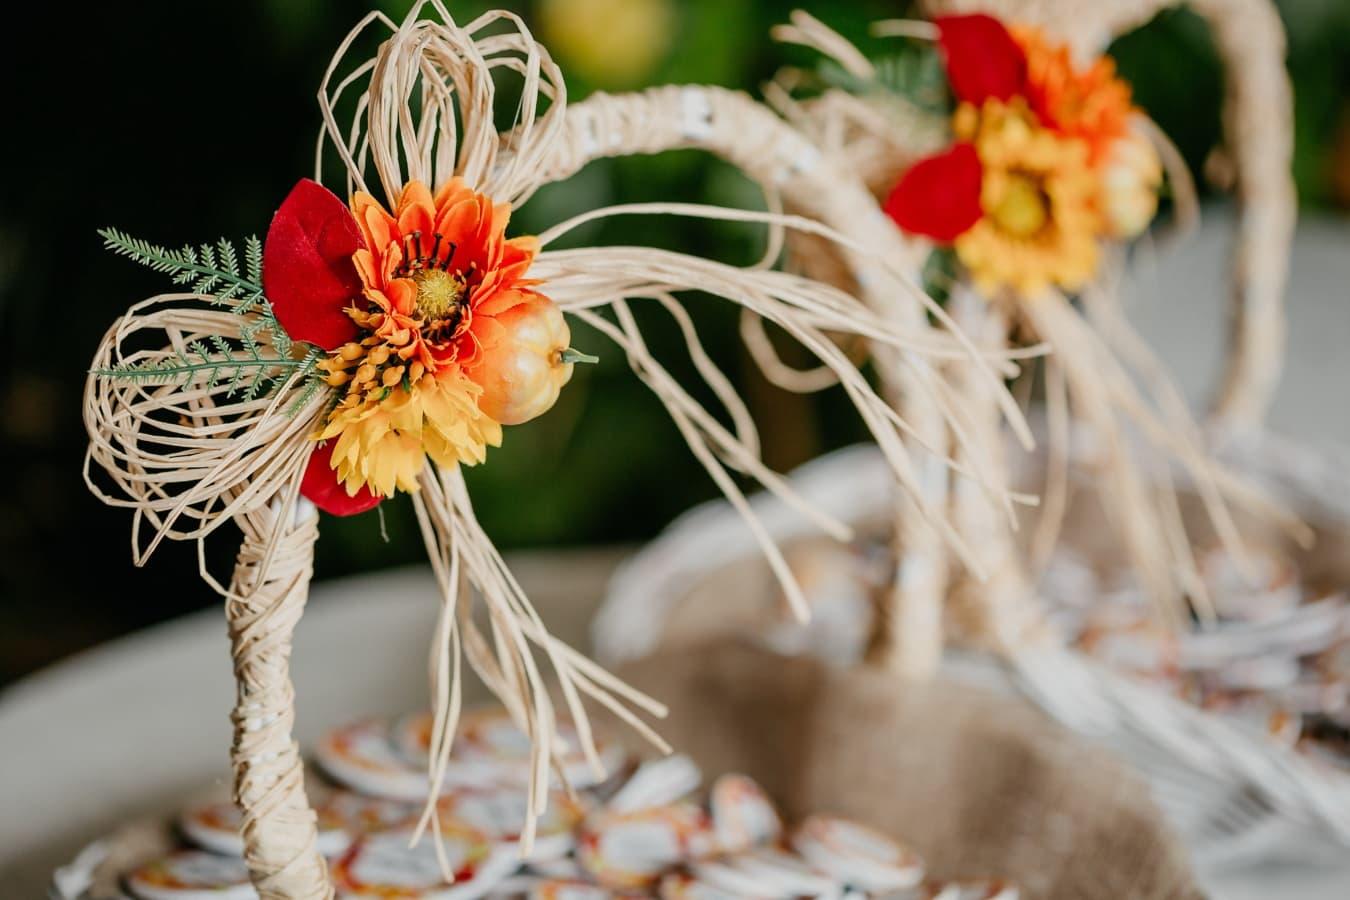 košara od pruća, ukrasno, ručni rad, mrtva priroda, cvijet, dekoracija, svijetlo, boja, tradicionalno, pogled iz blizine